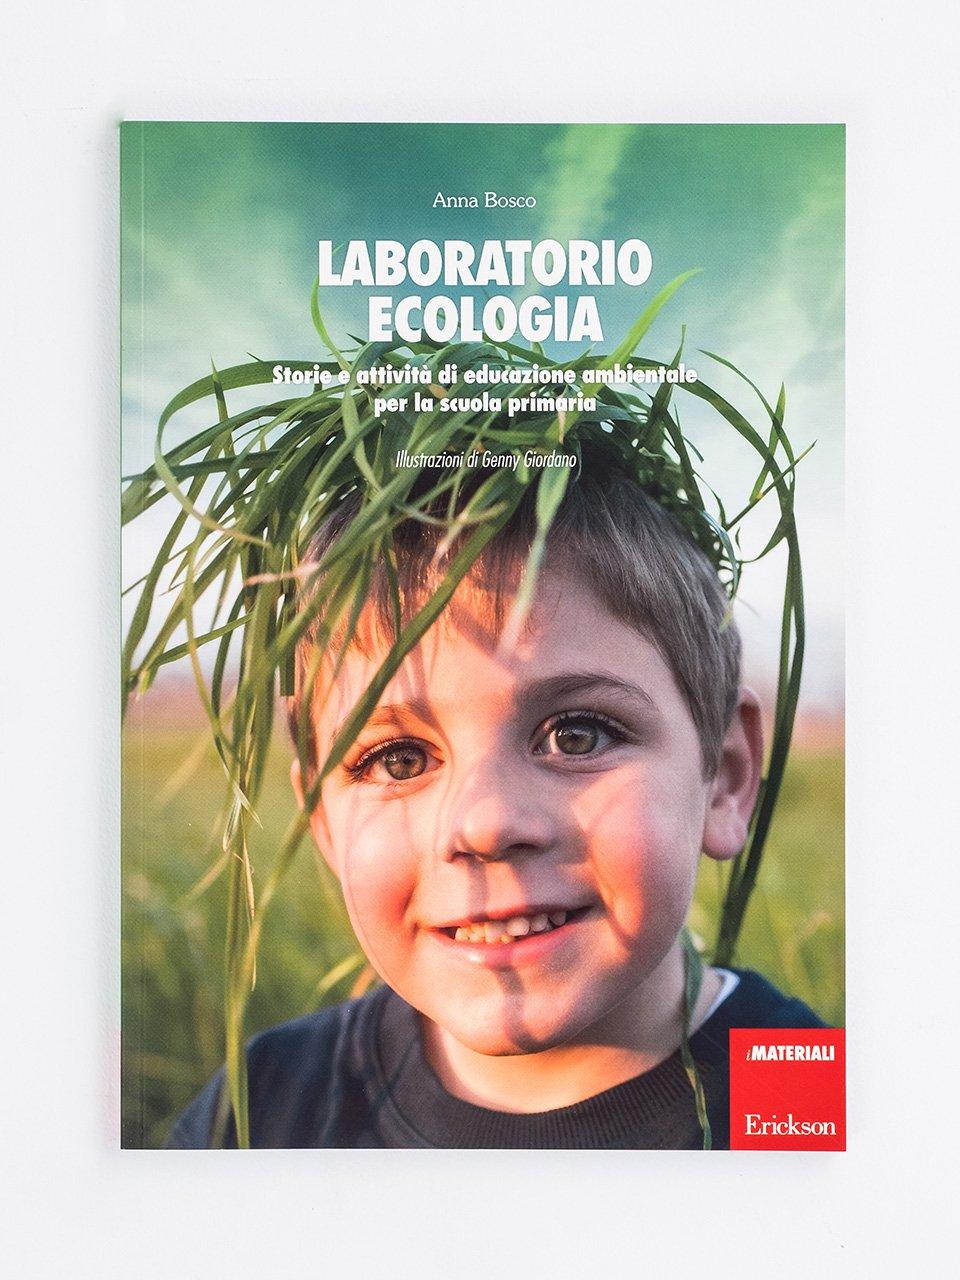 Laboratorio ecologia - didattica laboratoriale - Erickson